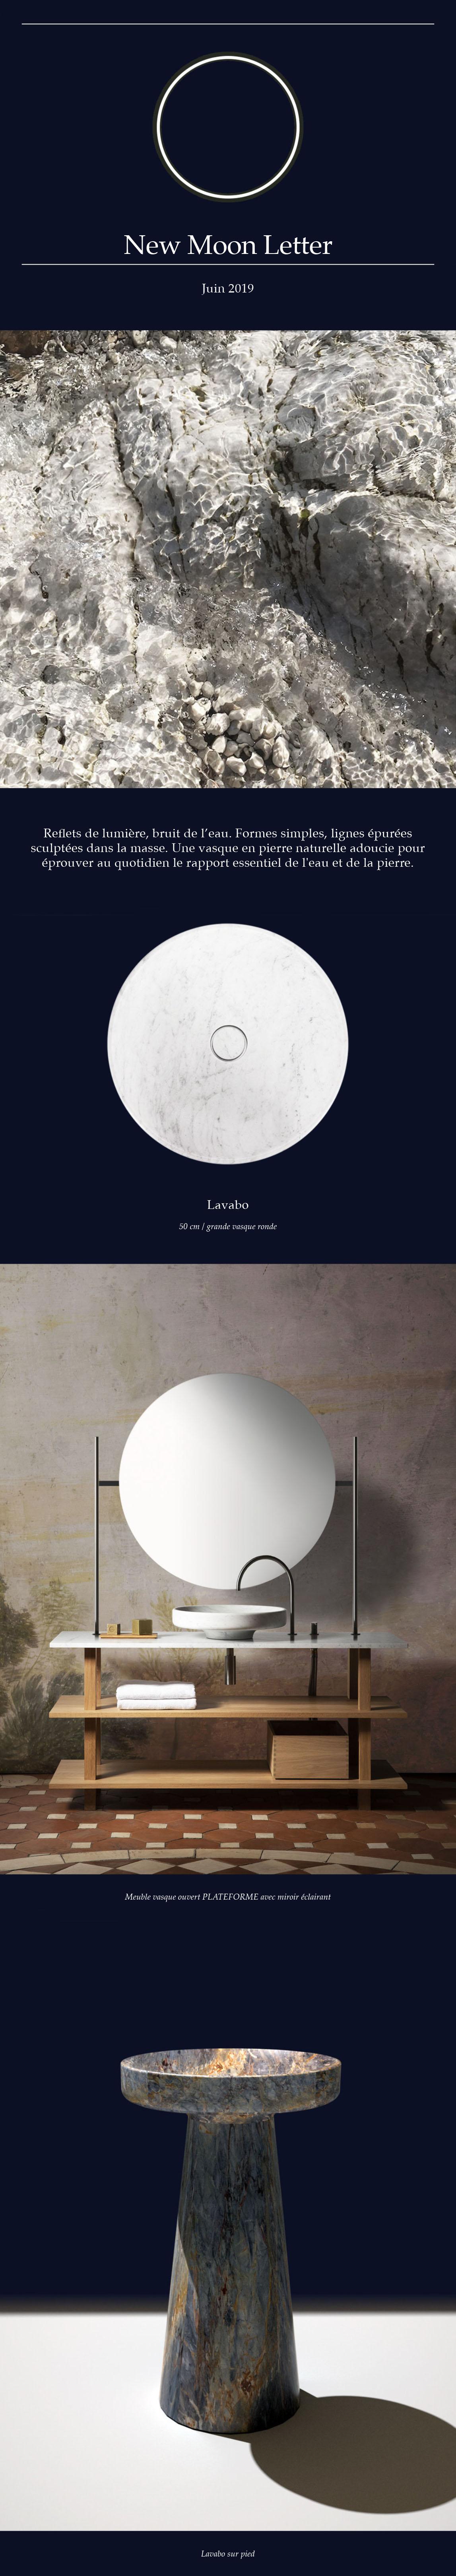 New Moon Letter Juin 2019.jpg